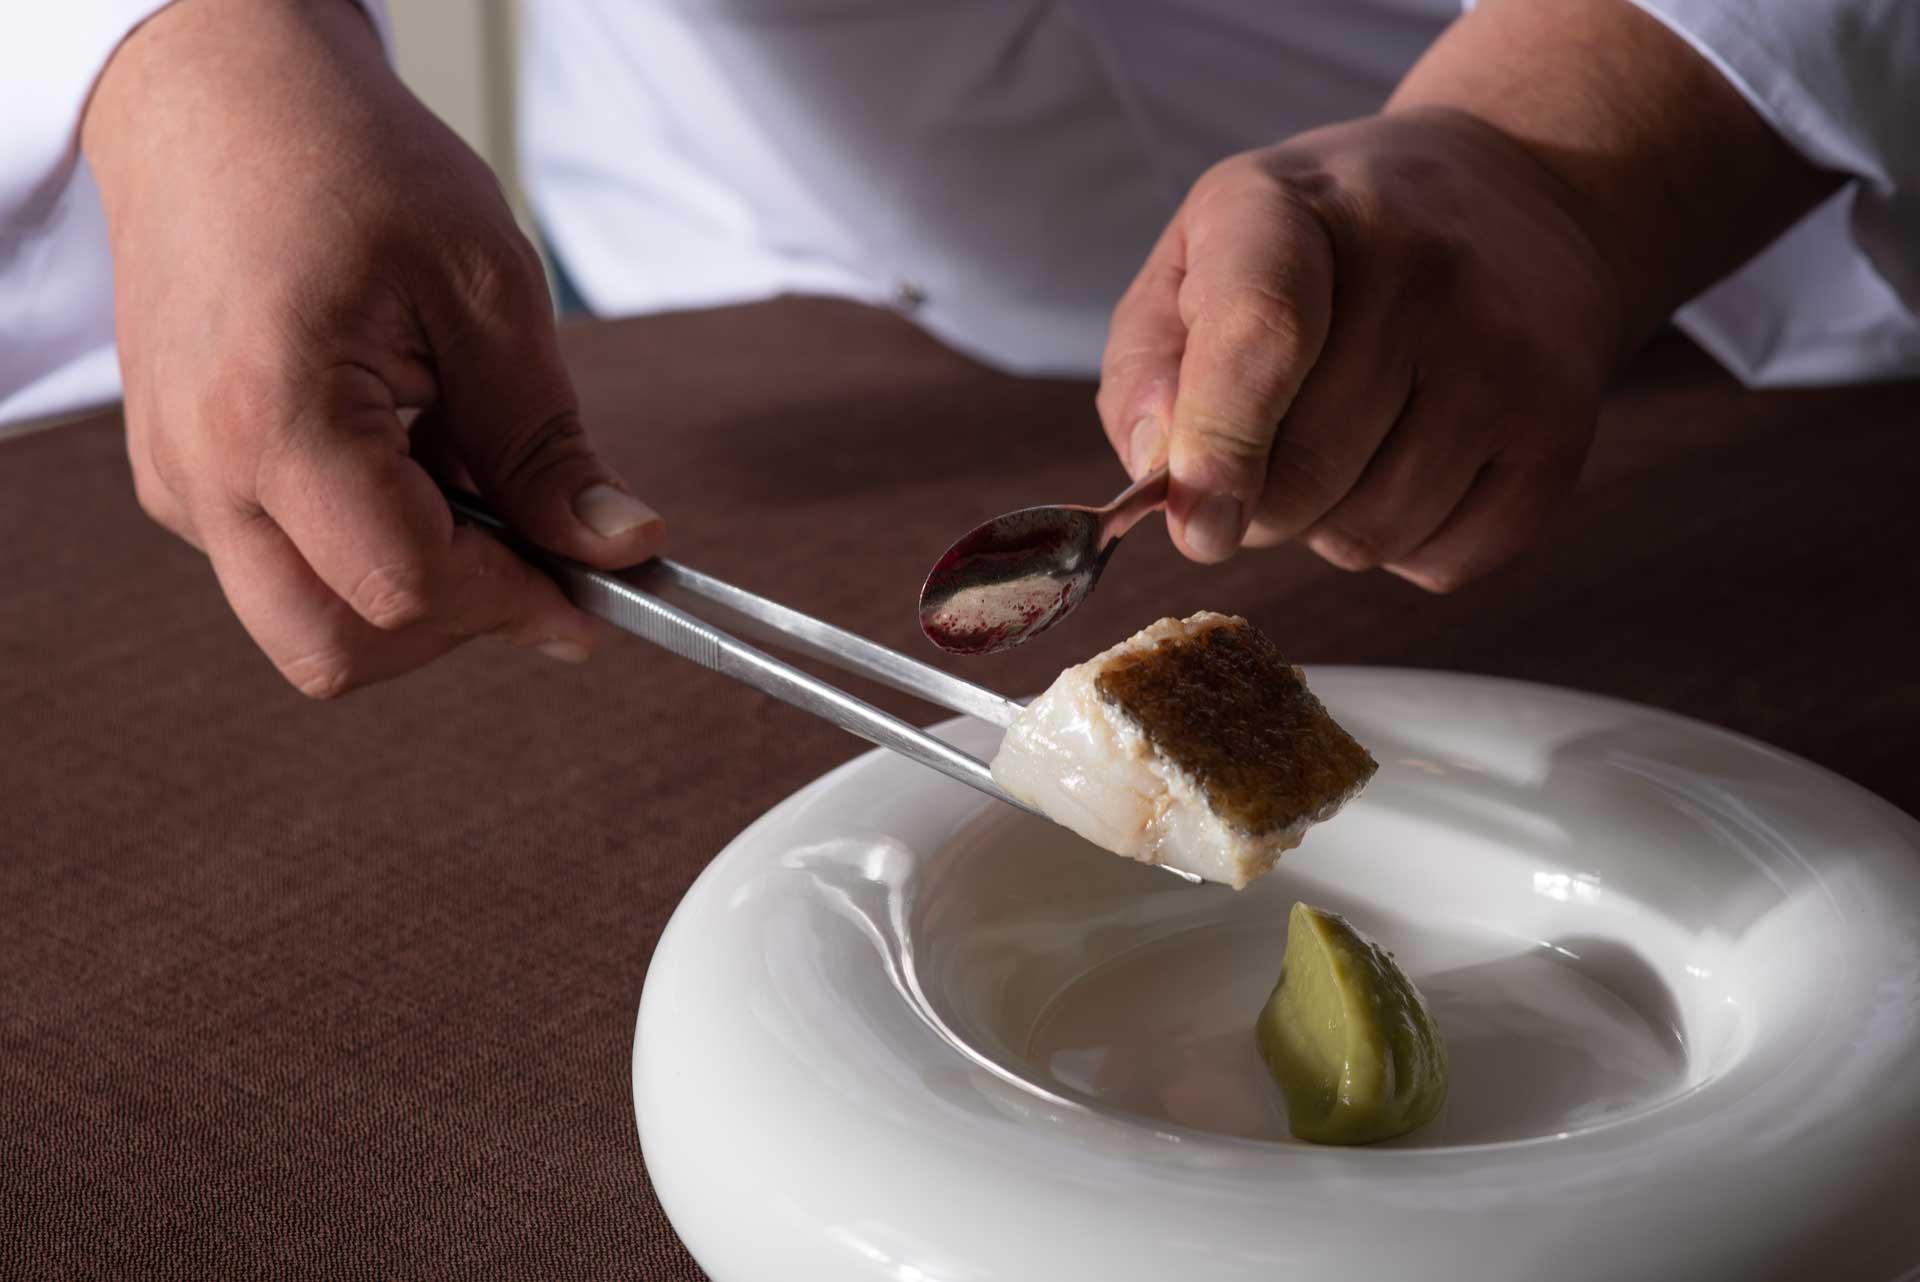 officina-visiva-ale-e-pepe-food-chef-paolo-trippini-ambasciatore-del-gusto-6-web